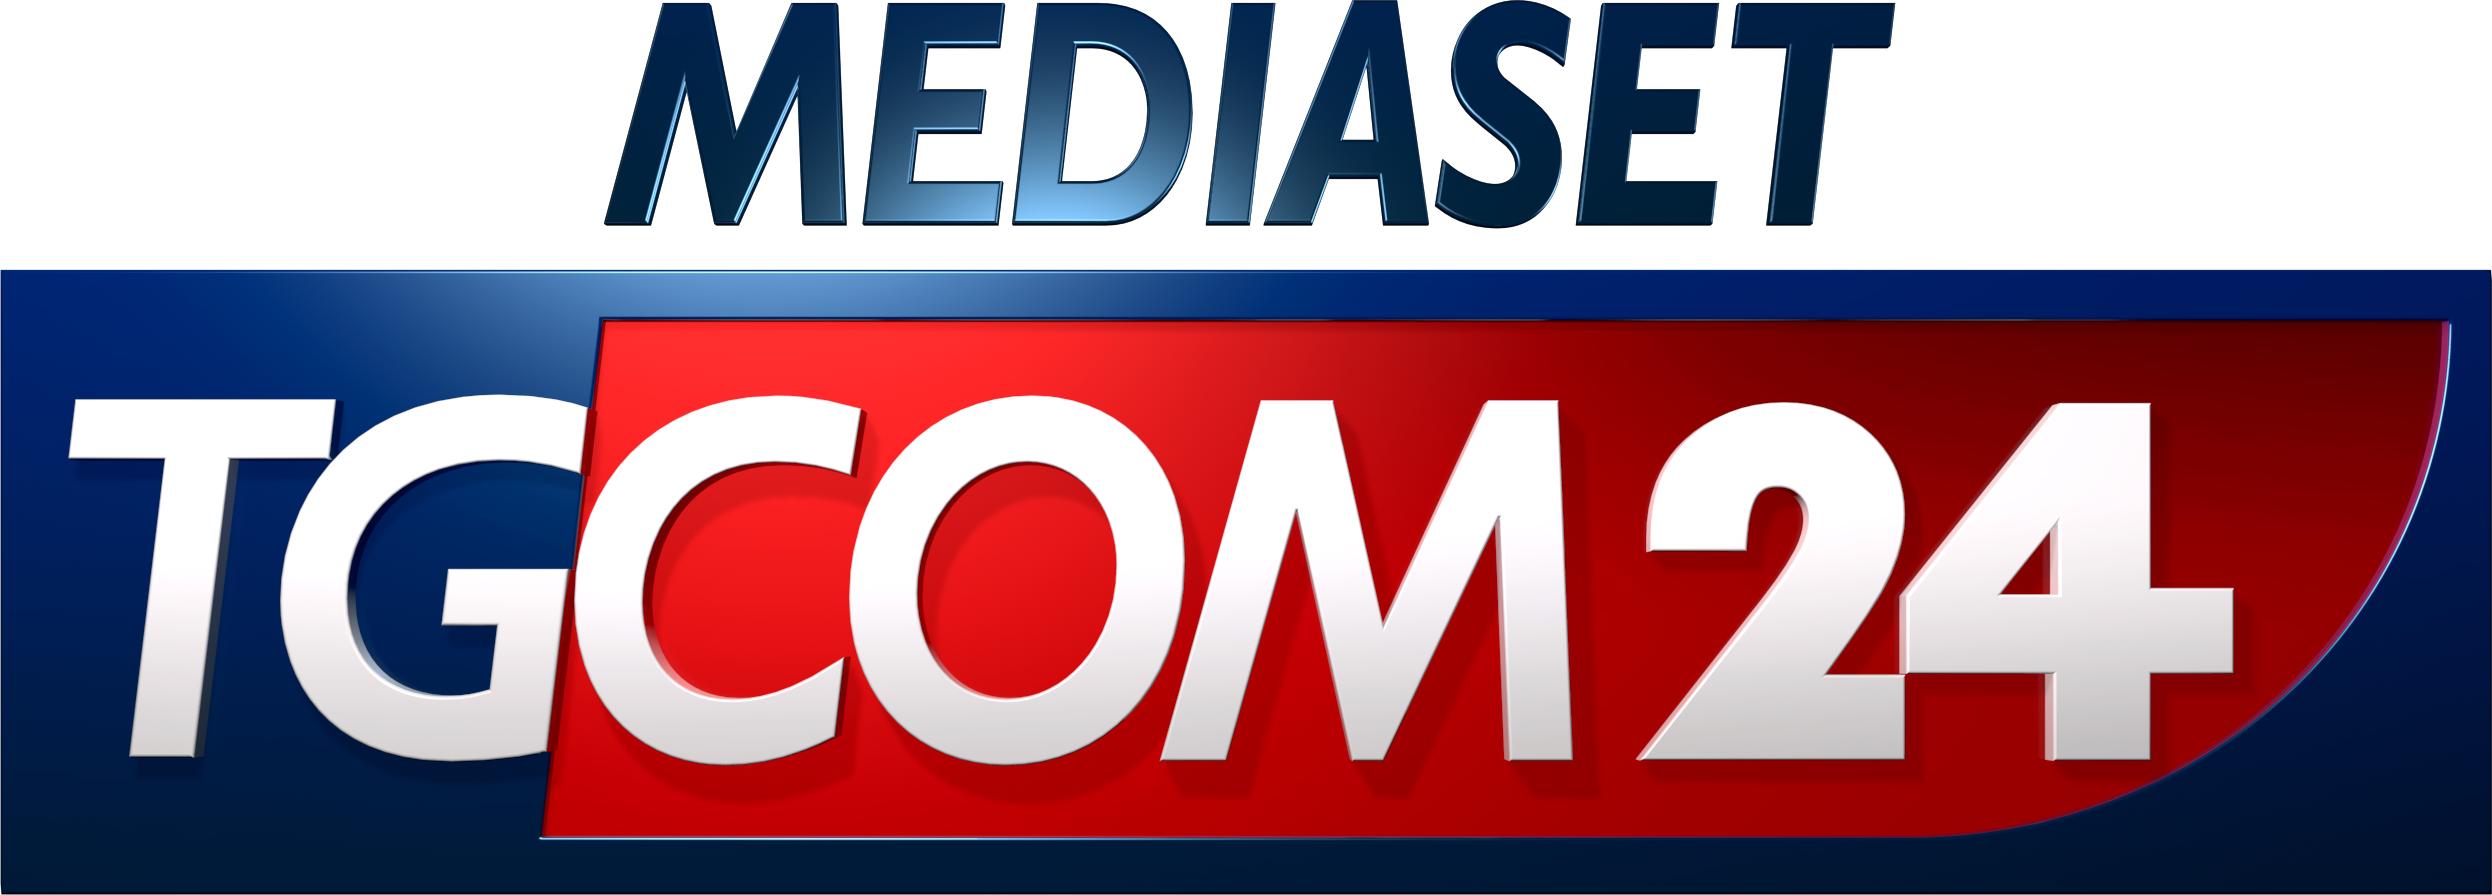 TGCom24_logo15